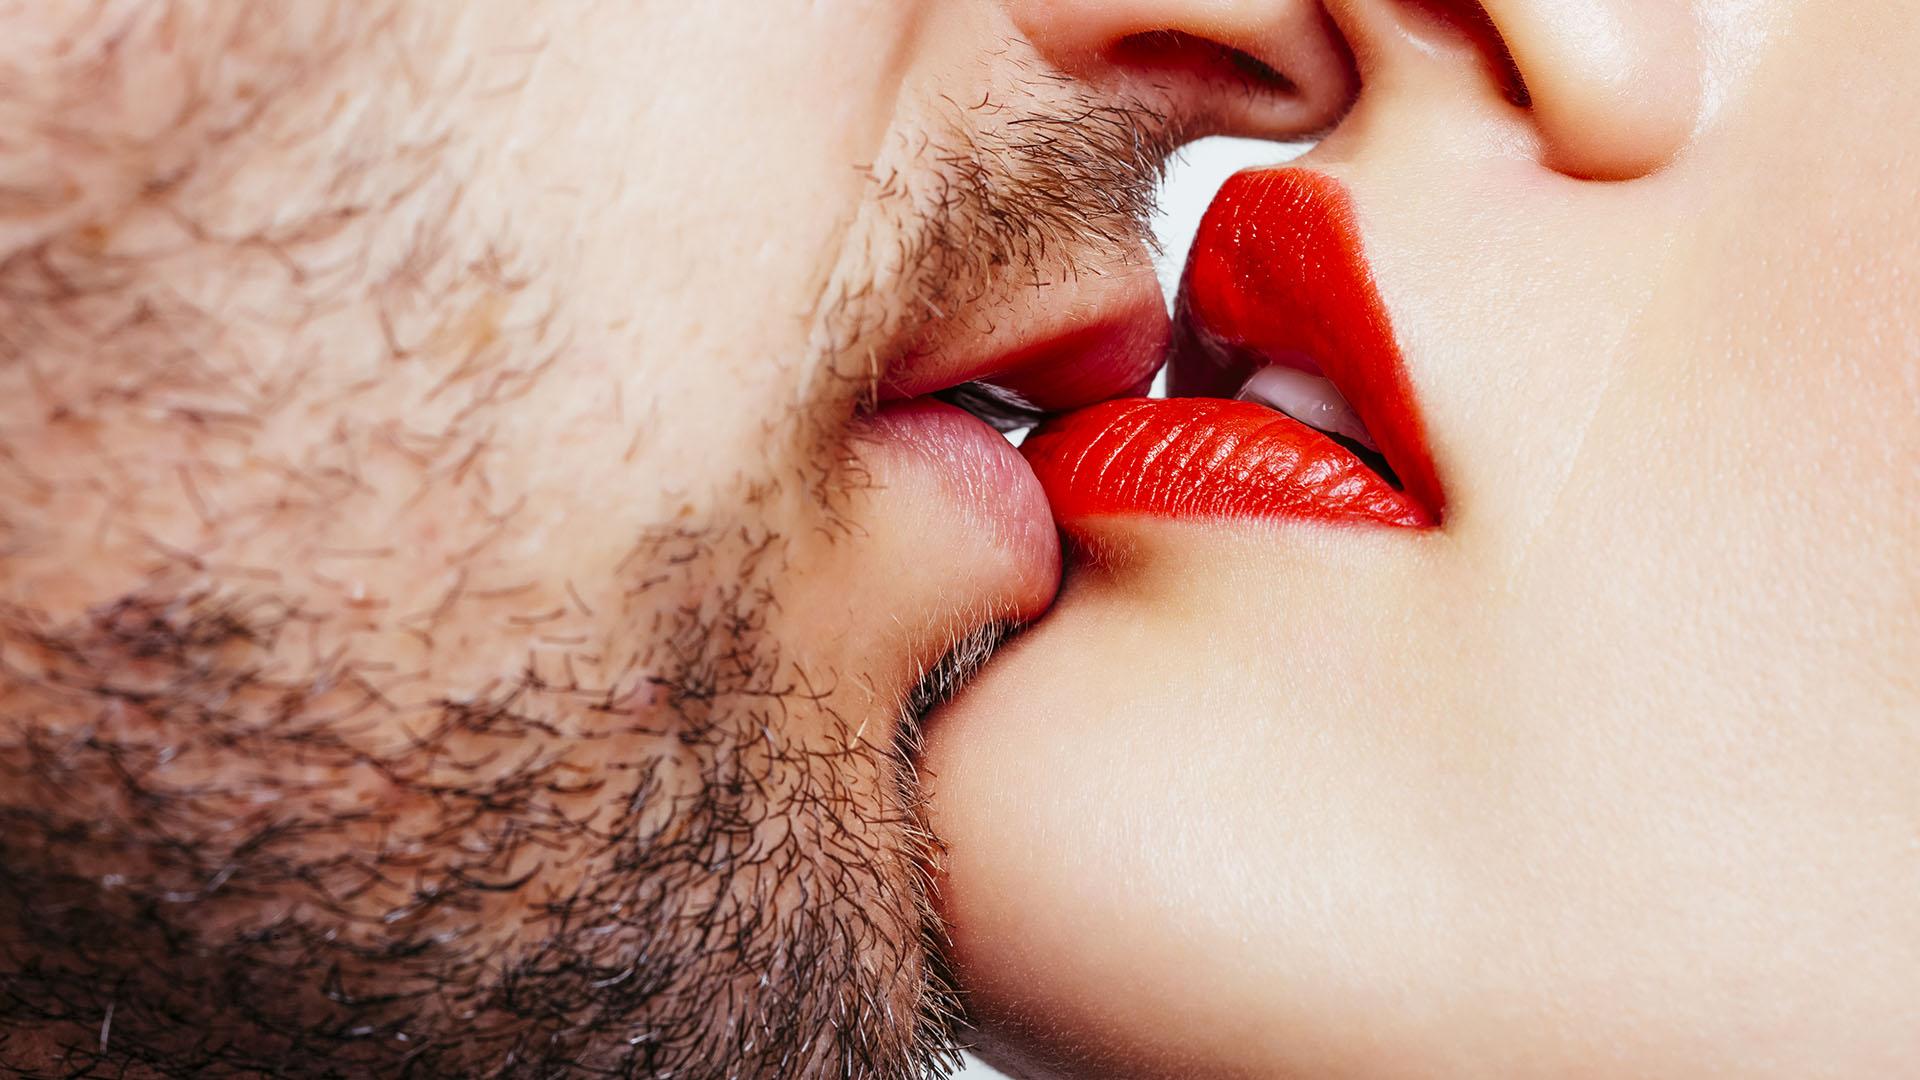 Más allá de los regalos materiales, una buena idea es encontrar otra manera de compartir este día en pareja (Getty)